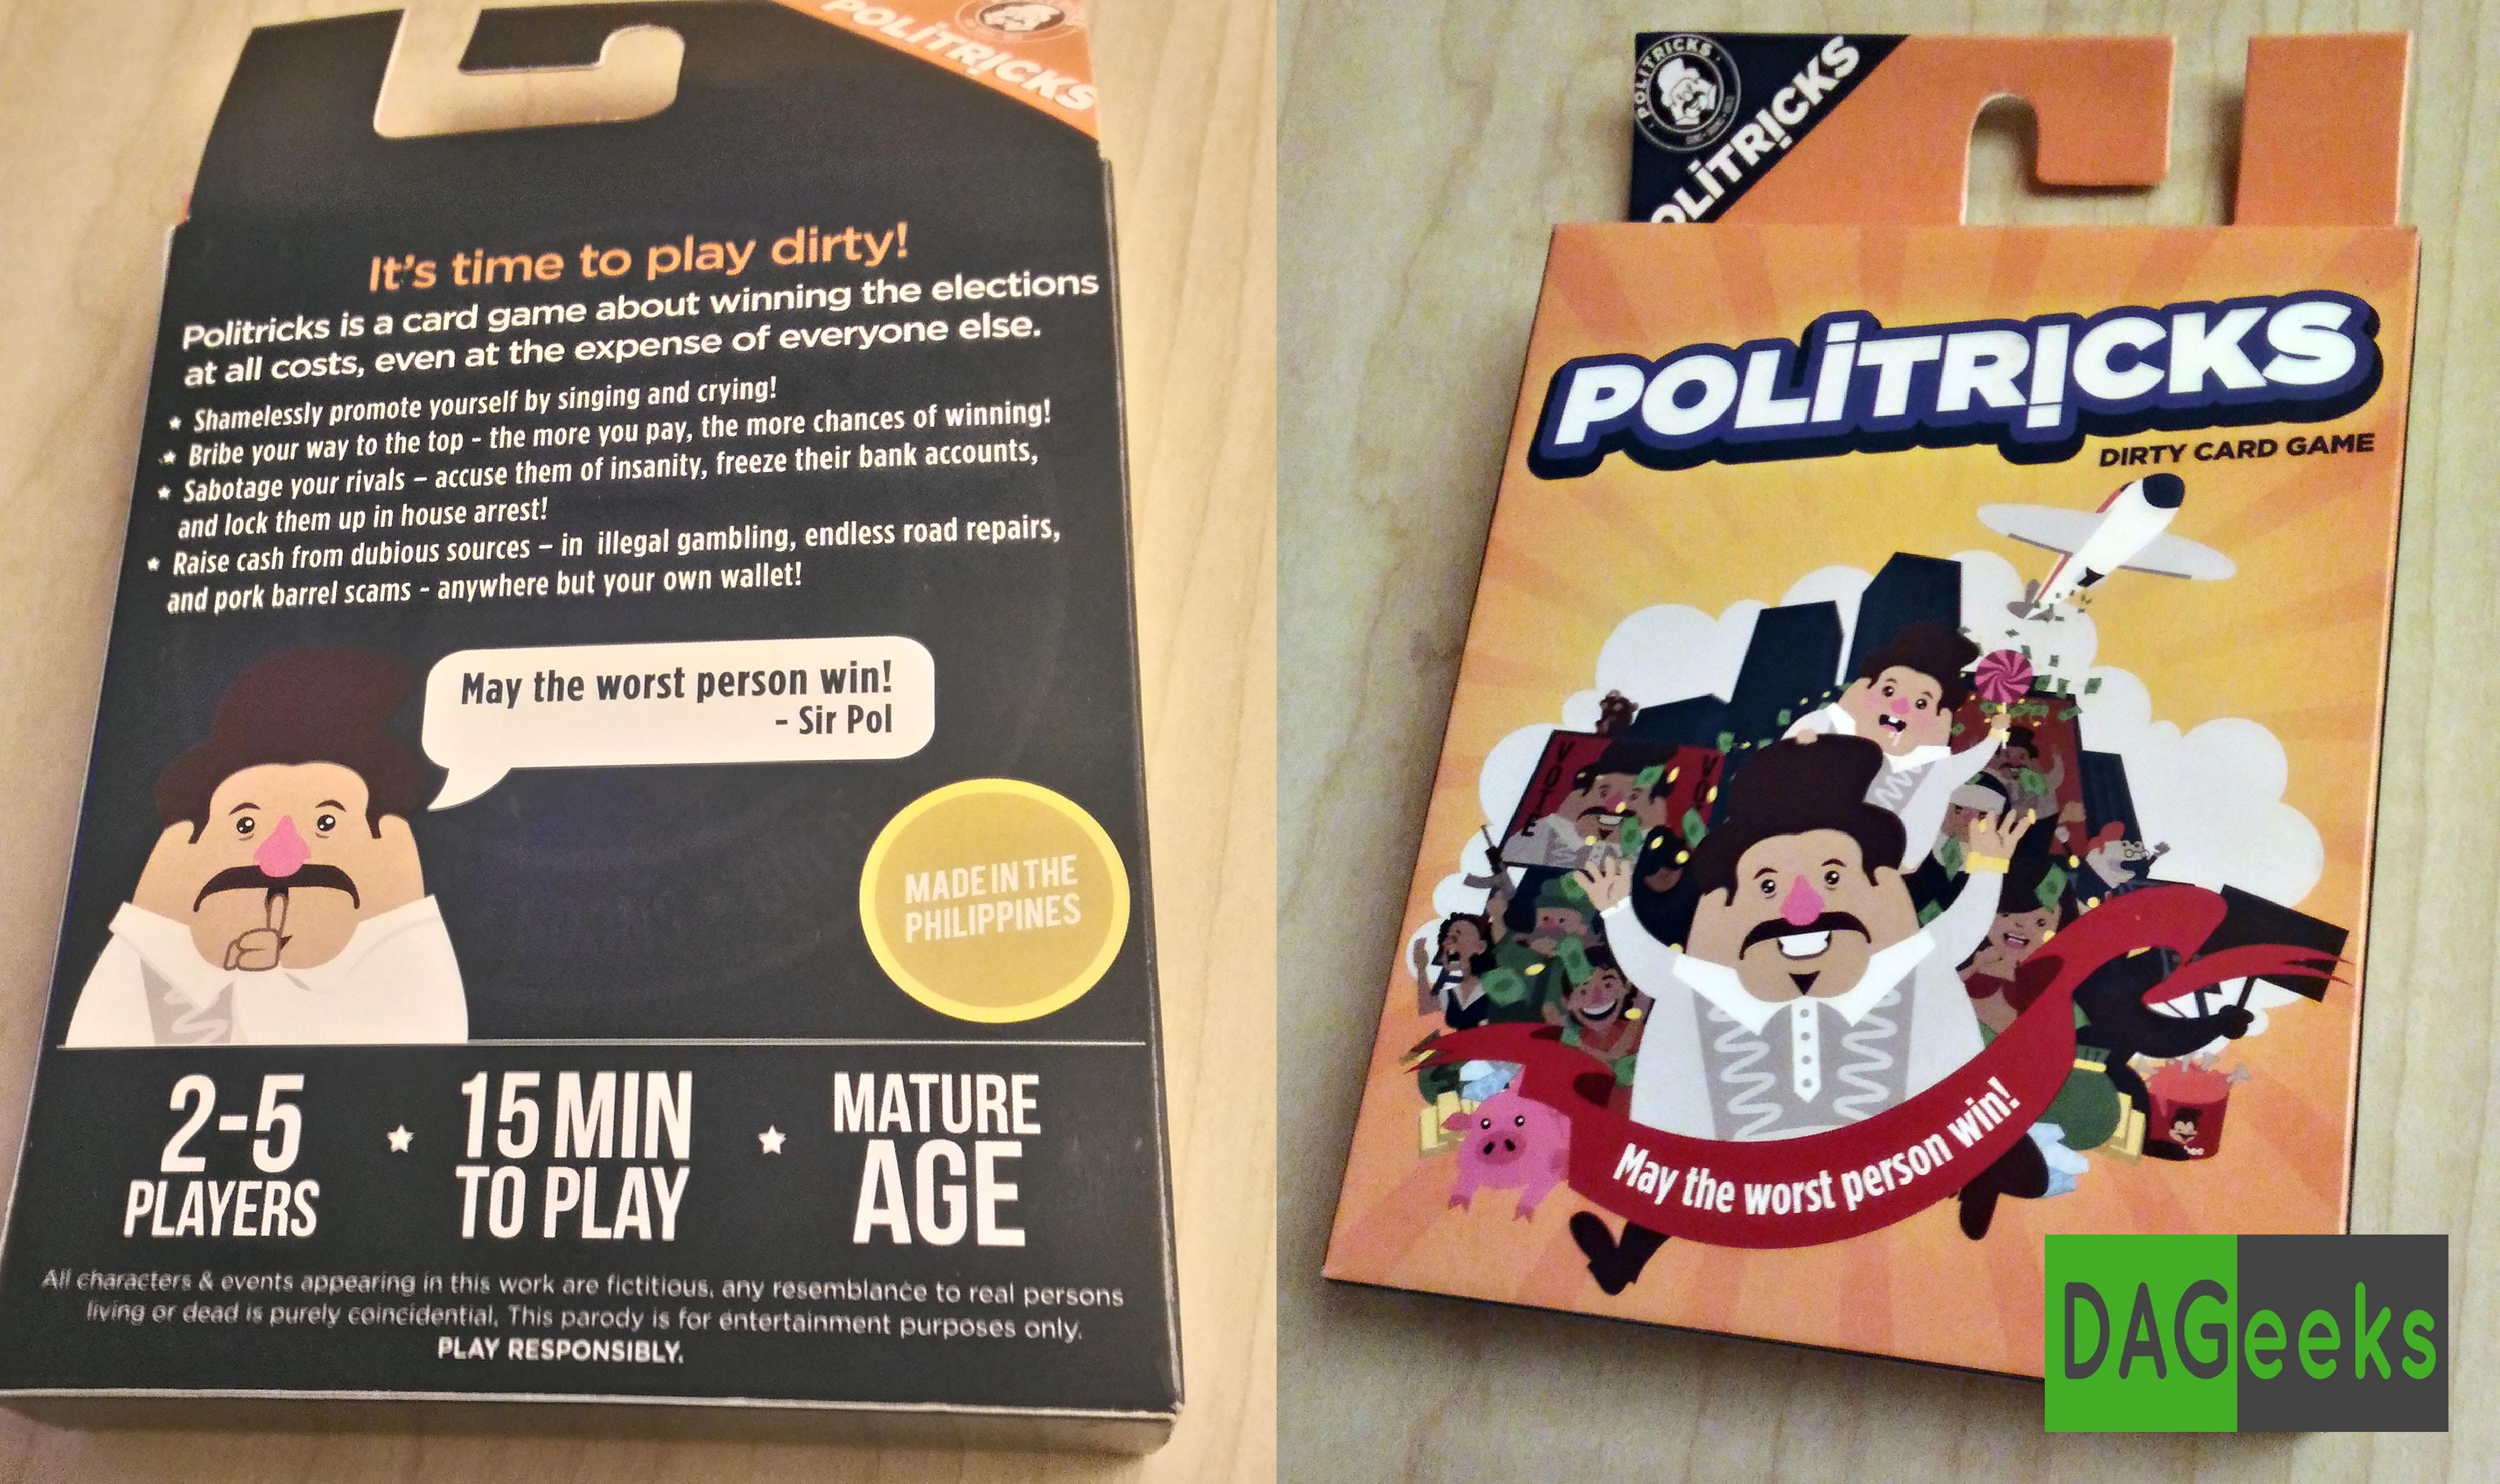 Politricks-bo-image